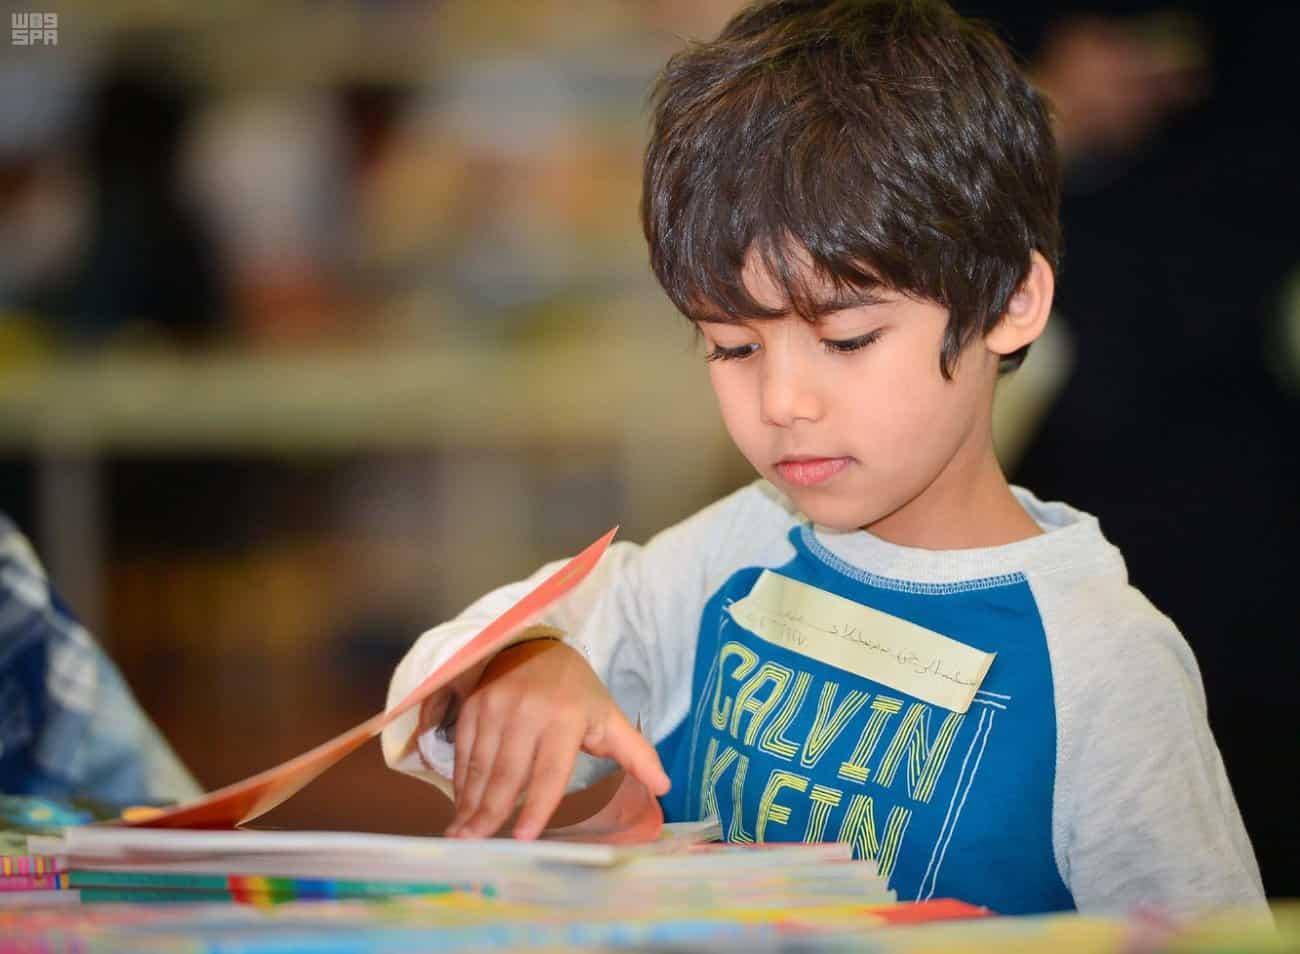 القراءة تساعد الطفل على التعلم